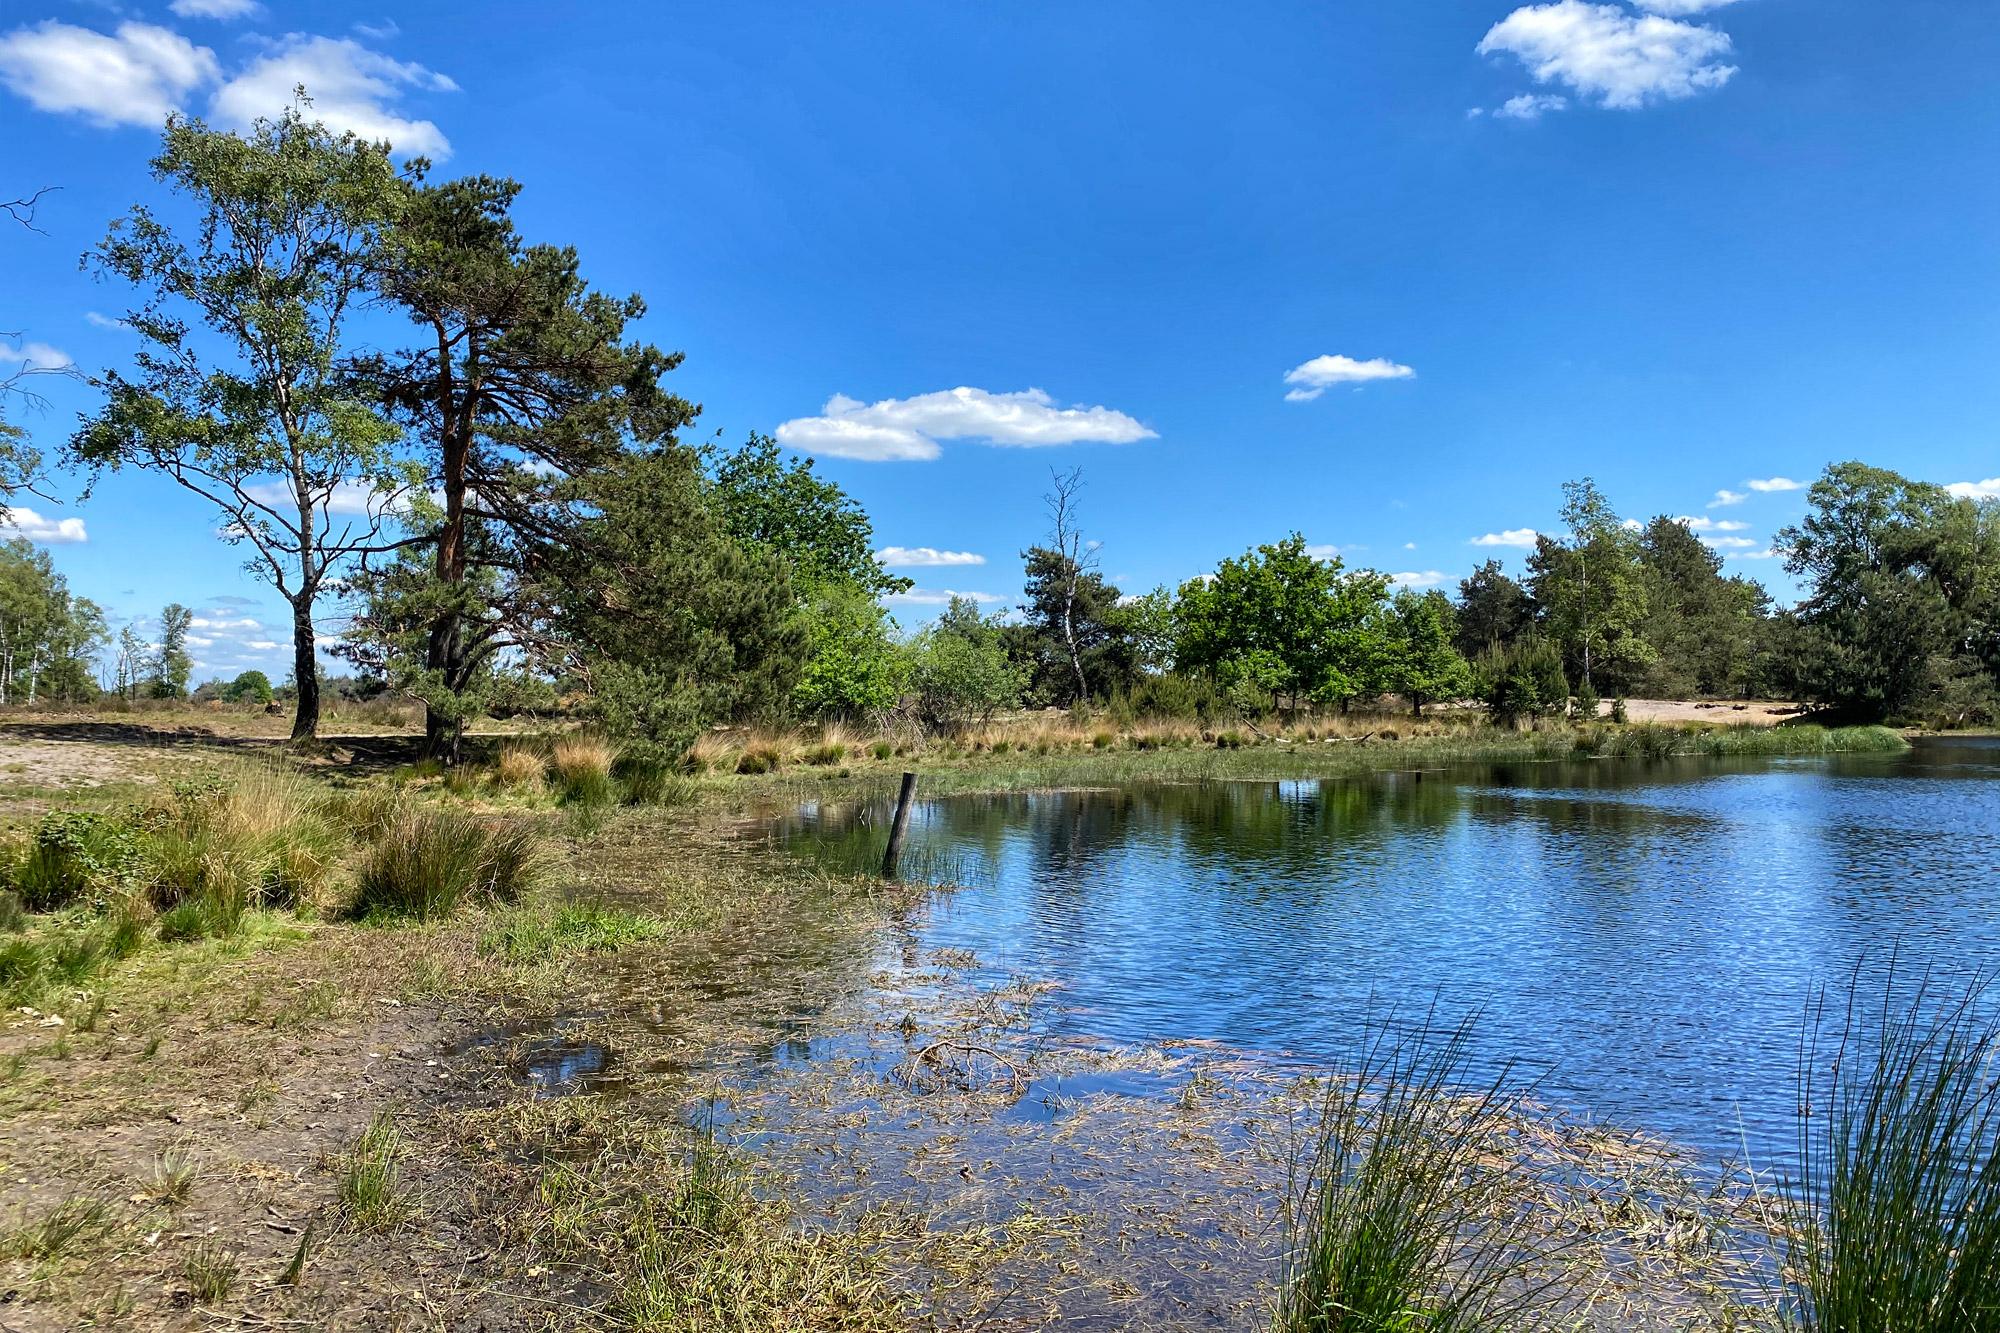 Heide en vennen route in Geldrop - Strabrechtse Heide, Kiezelven